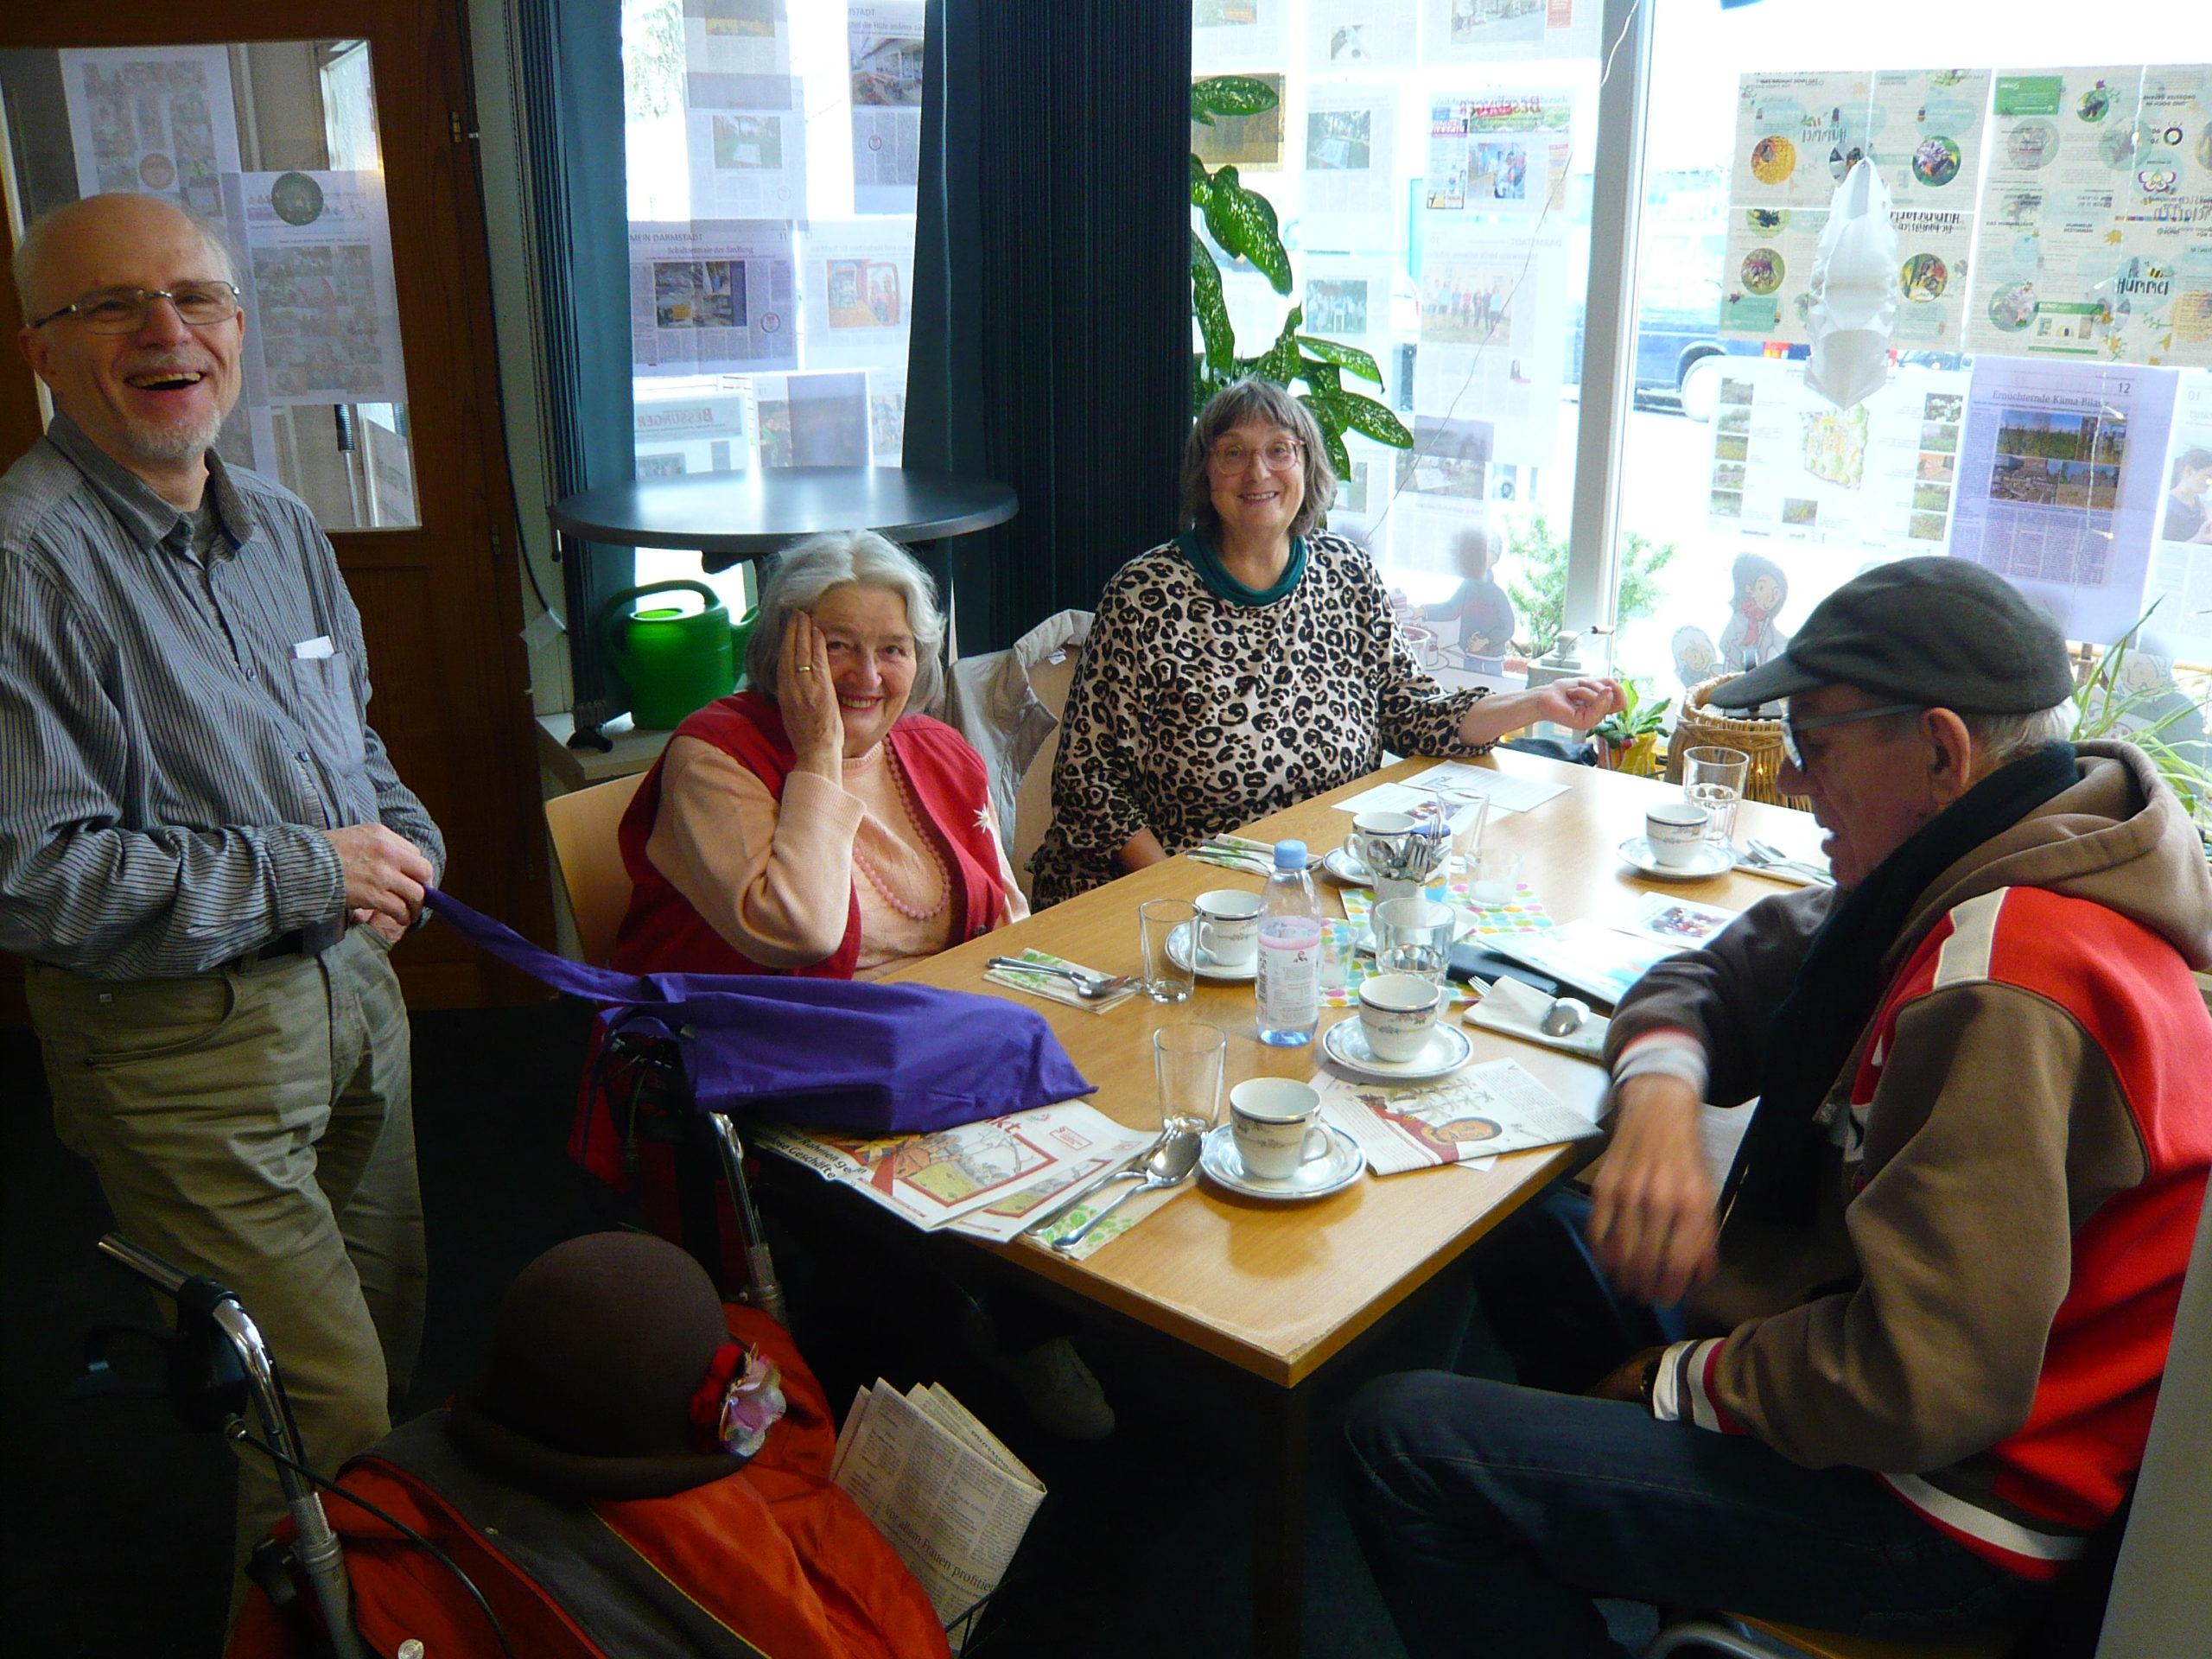 Update! – Hotline geschaltet: Corona-Pandemie –  Wir helfen SeniorInnen und chronisch Kranken im Quartier